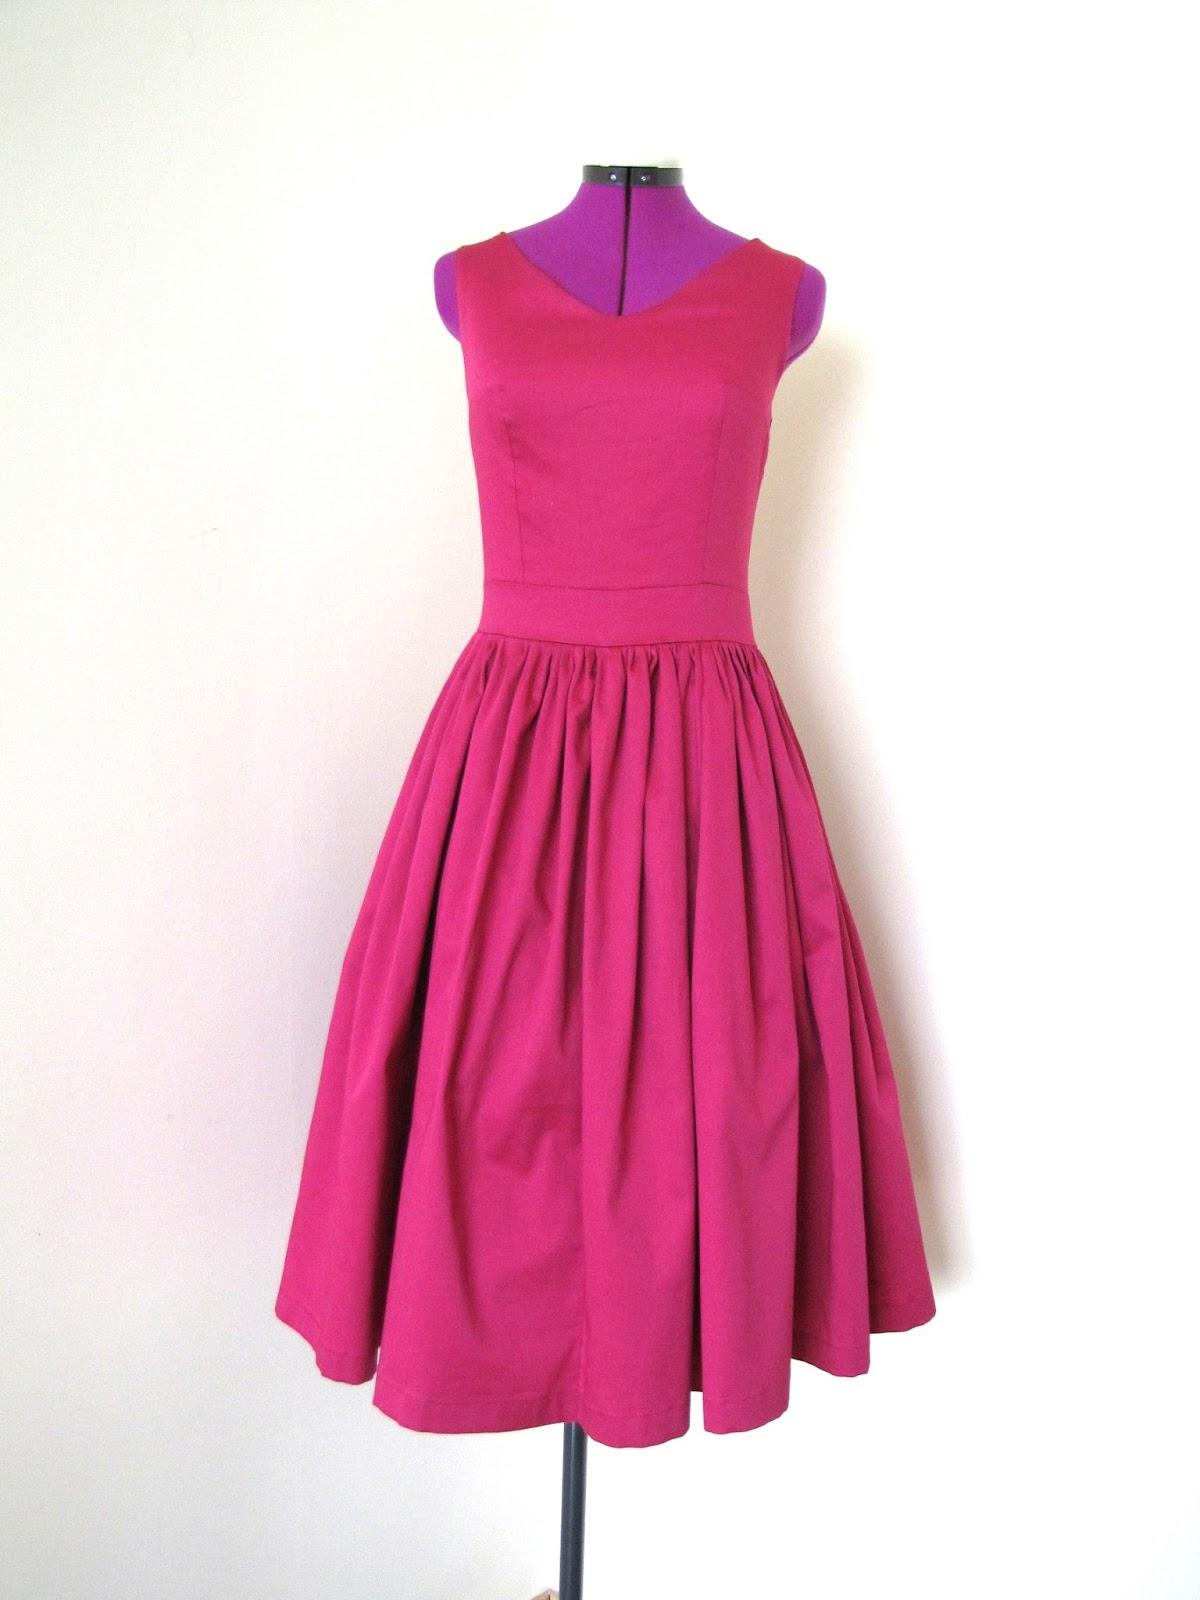 7fc3236a98 Amarantowa Sukienka W Stylu Retro Vintage Szycie Wieczne